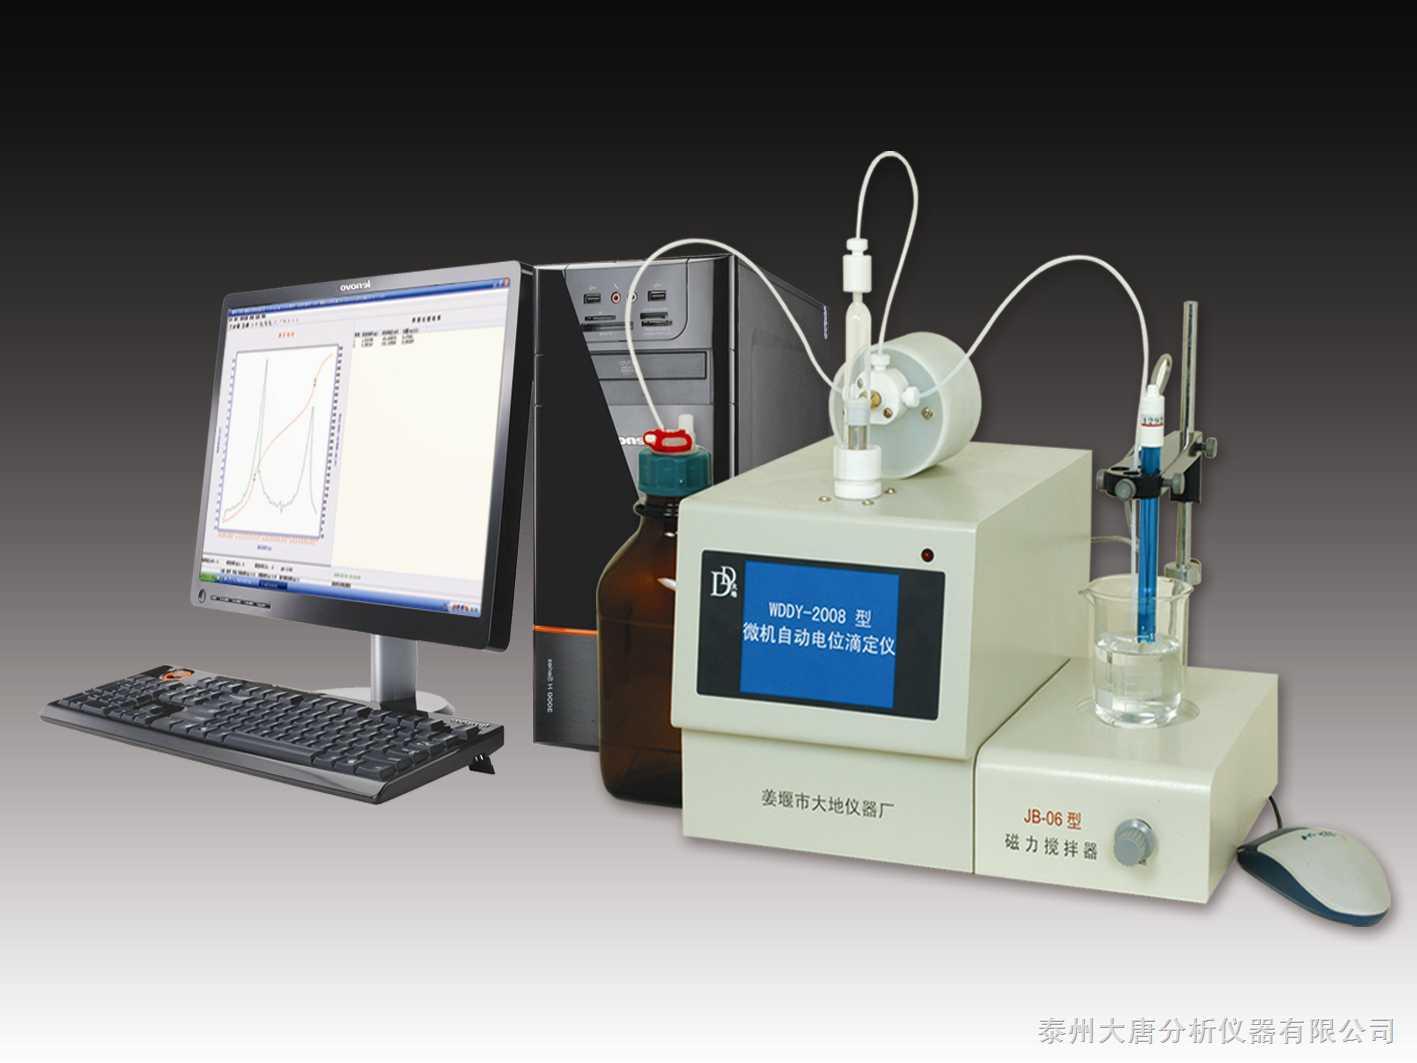 产品 化工仪器  通用分析仪器  电化学分析仪器  自动电位滴定仪